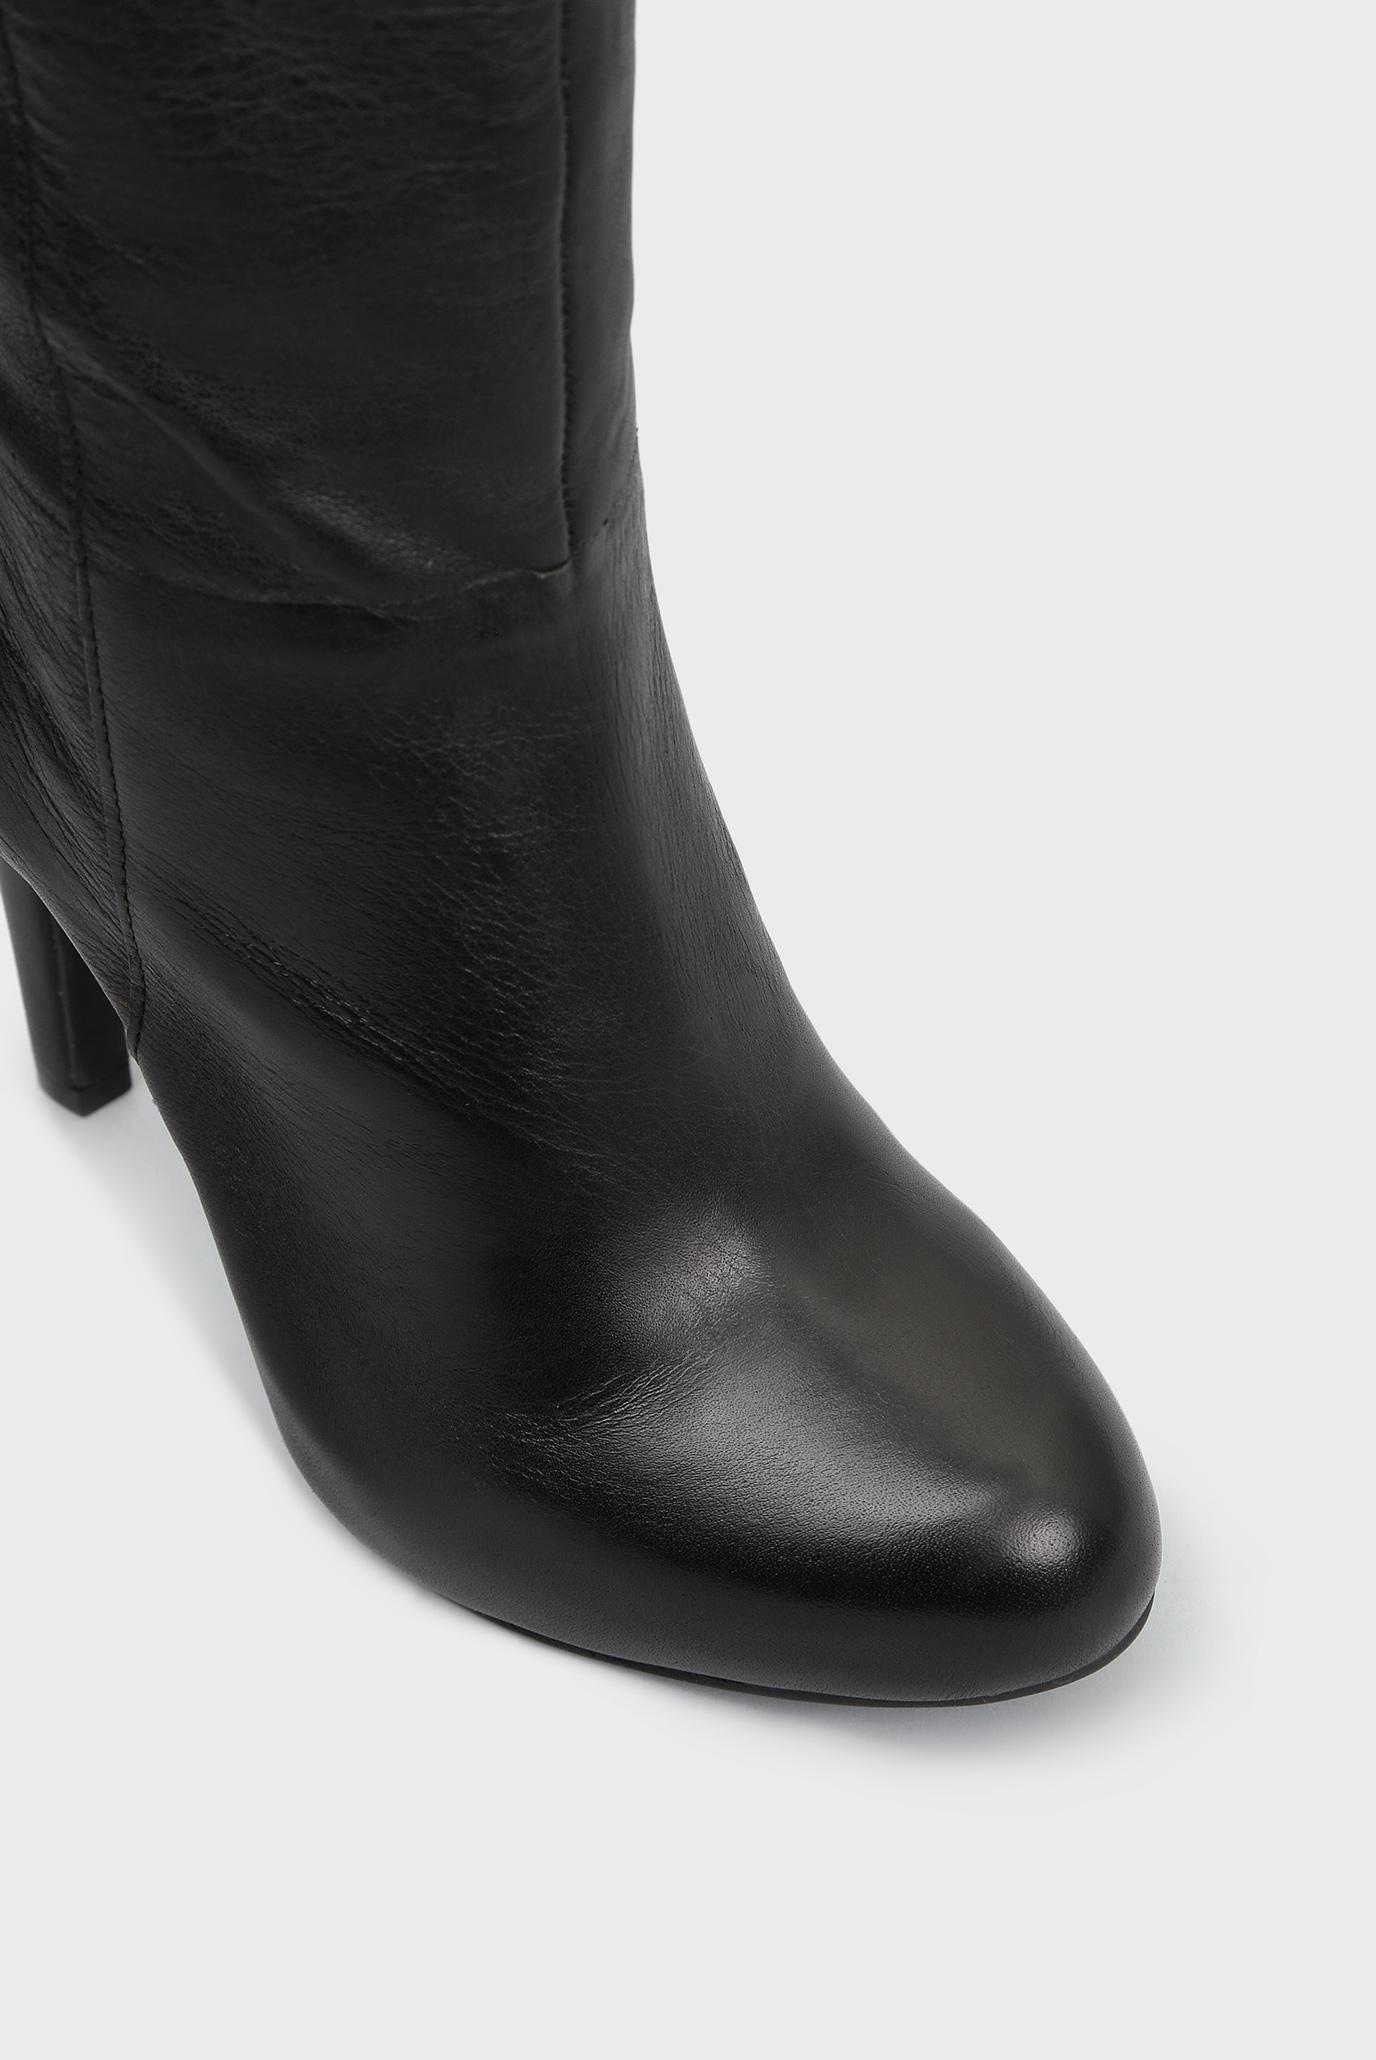 Купить Женские черные кожаные сапоги Jessica Simpson Jessica Simpson JS-AUDREY2001ALLEFS – Киев, Украина. Цены в интернет магазине MD Fashion